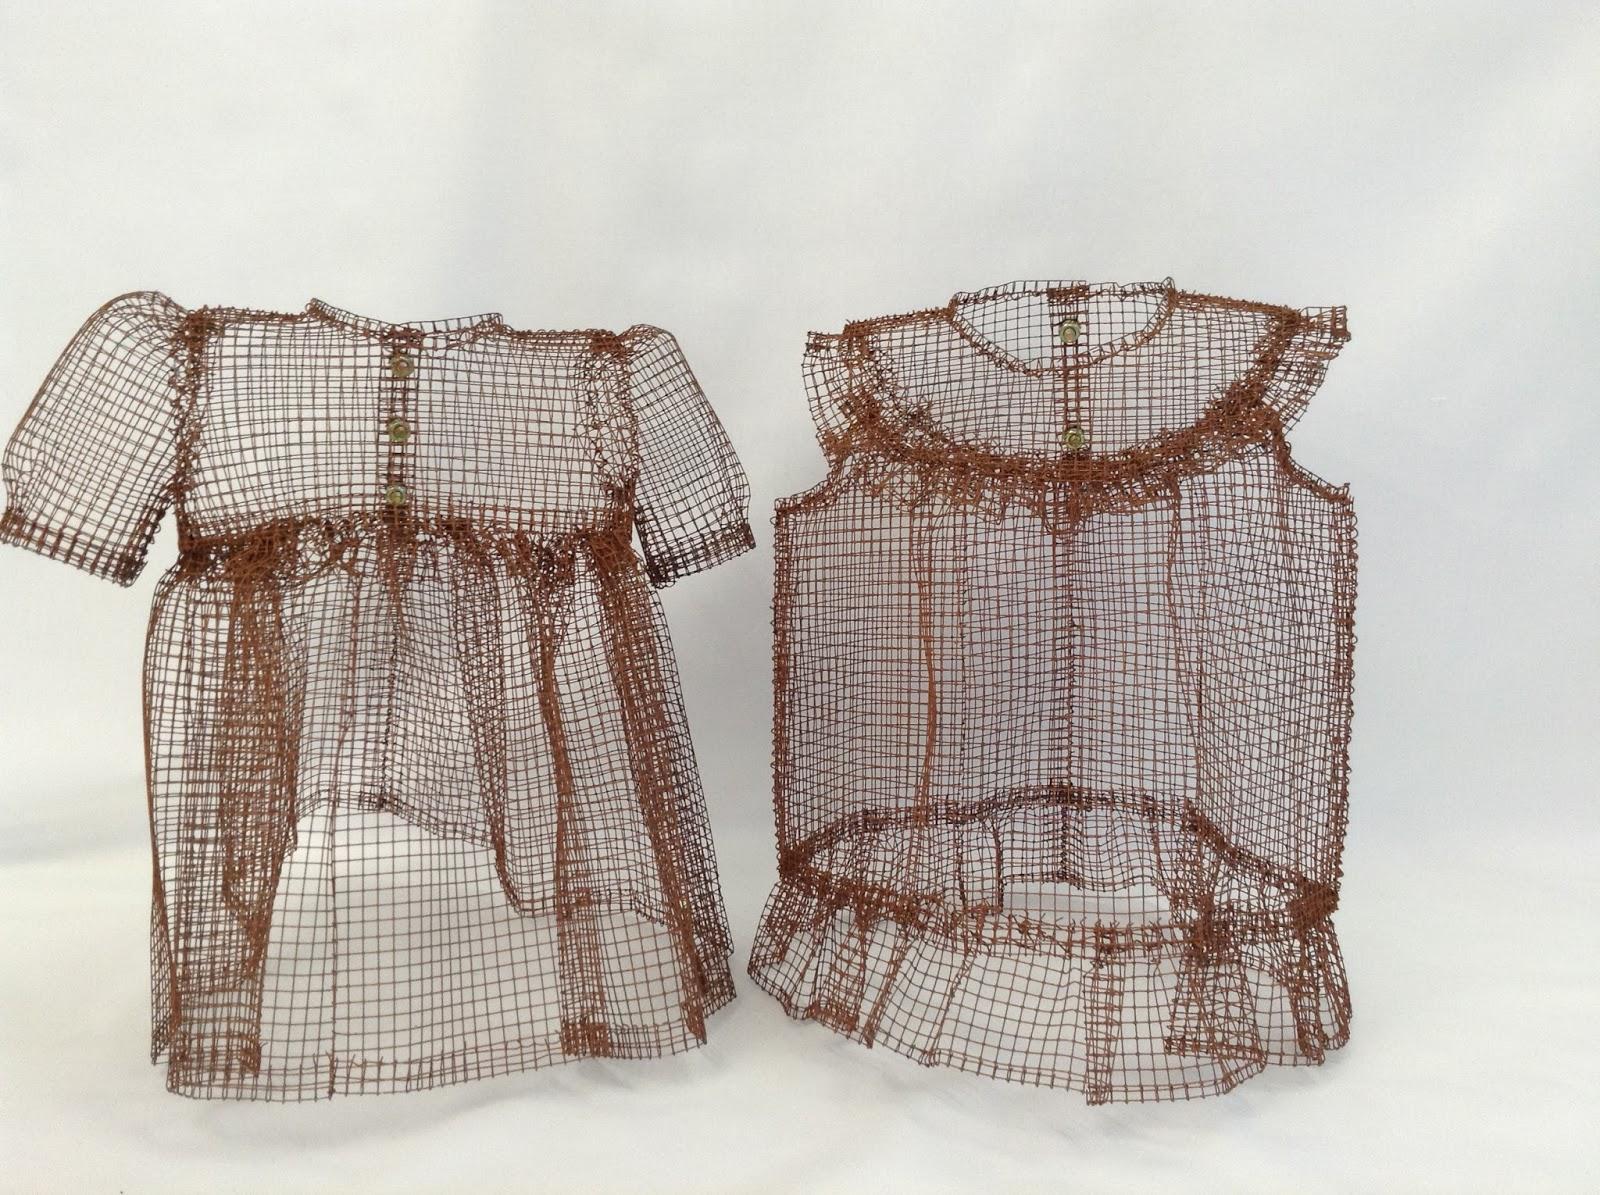 Bargain Box, Sewing, Machines, Knitting, Crochet, Craft, Haberdashery, Notions, Fabrics, Patterns.